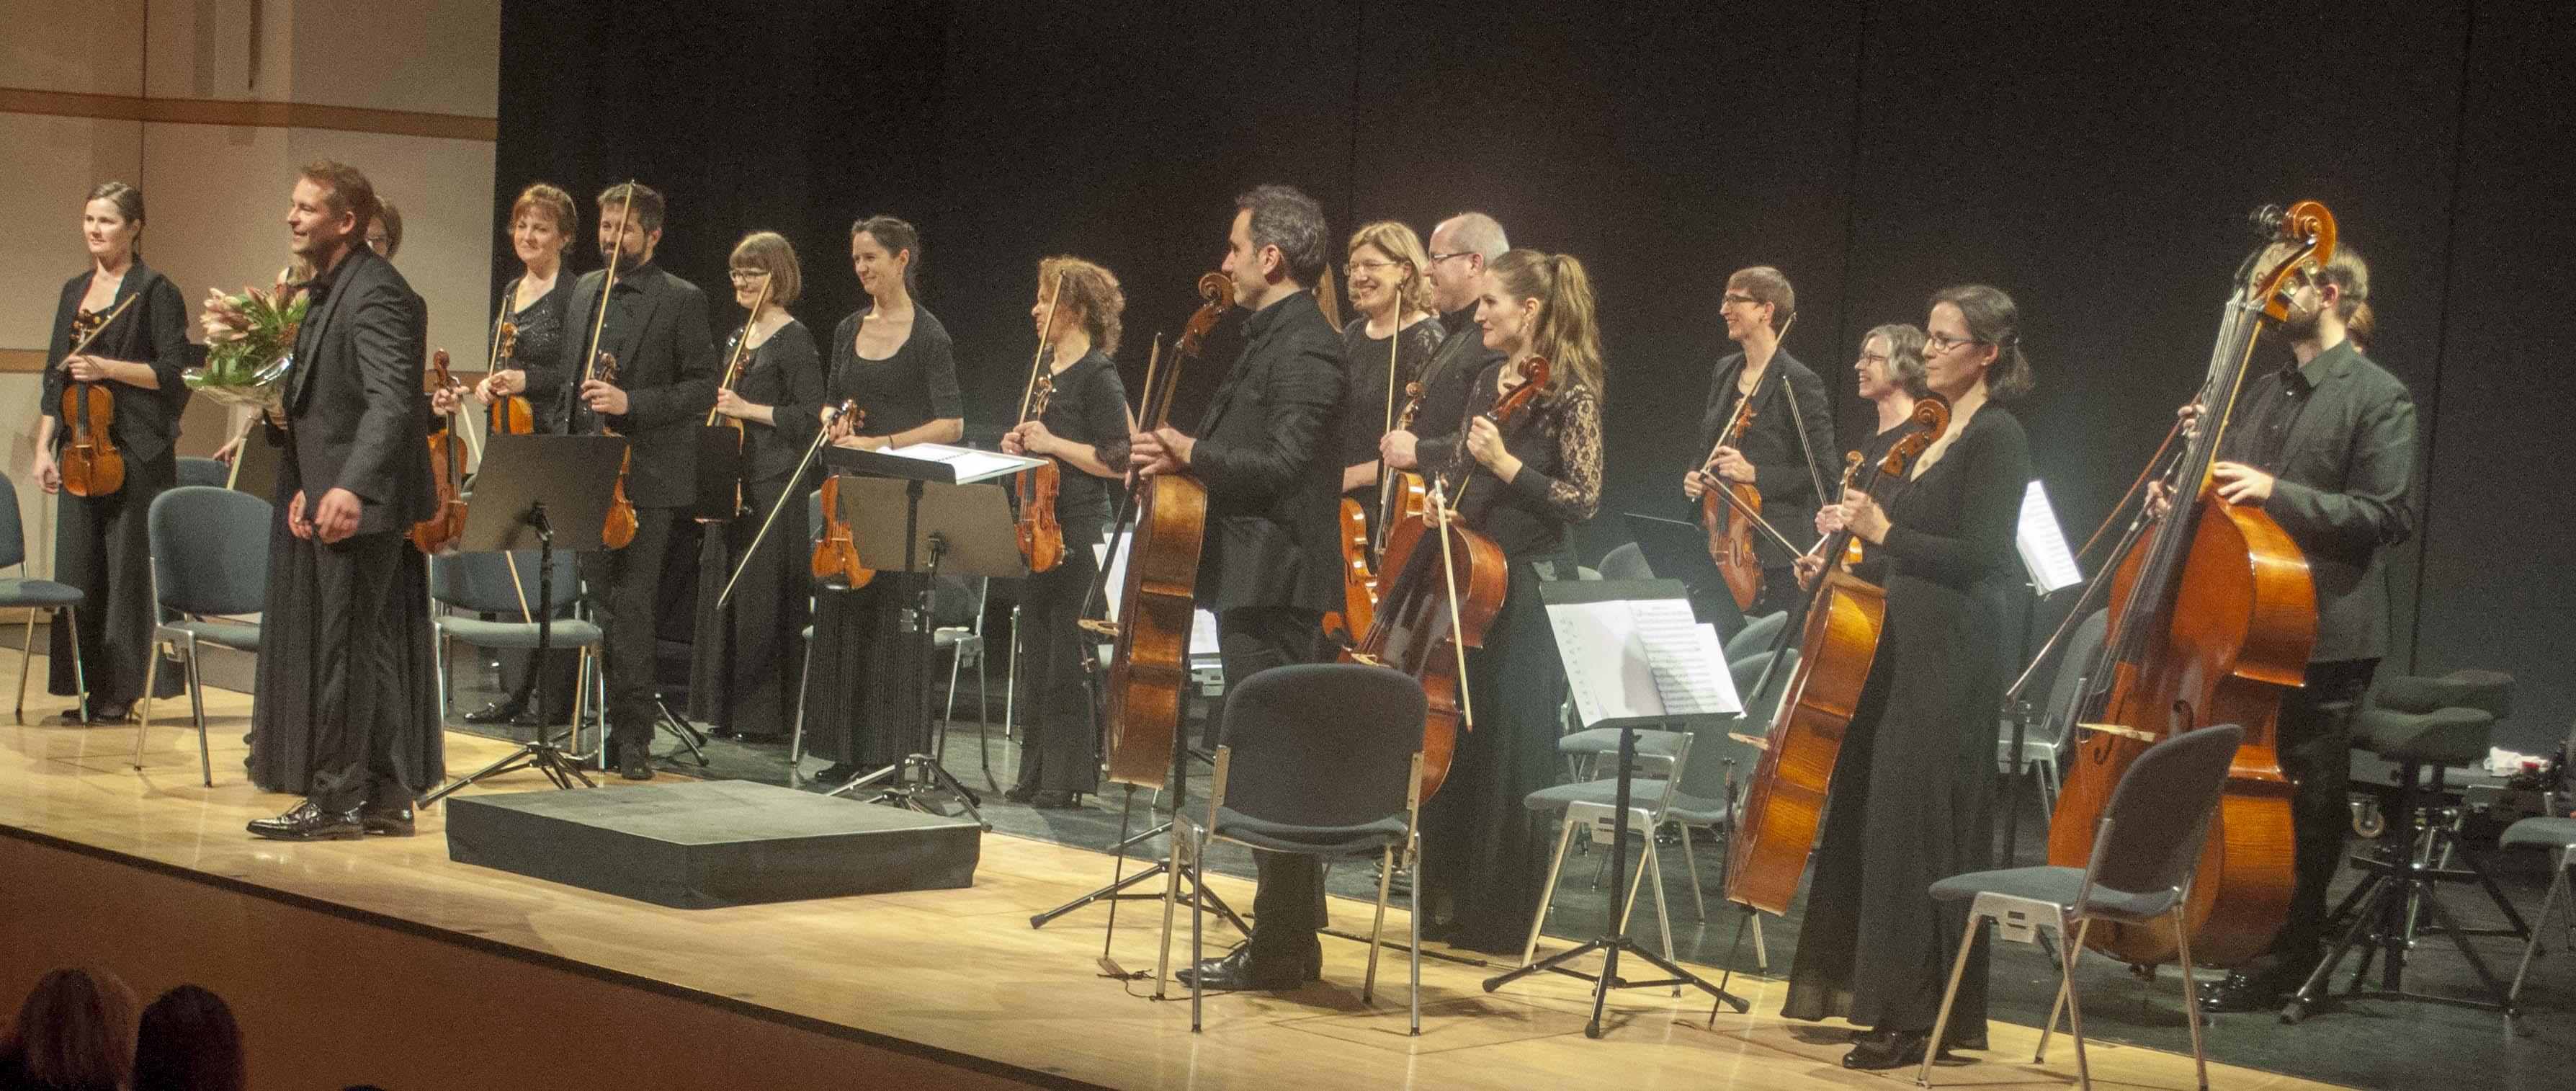 Die Zuger Sinfonietta lässt sich vom Publikum feiern.